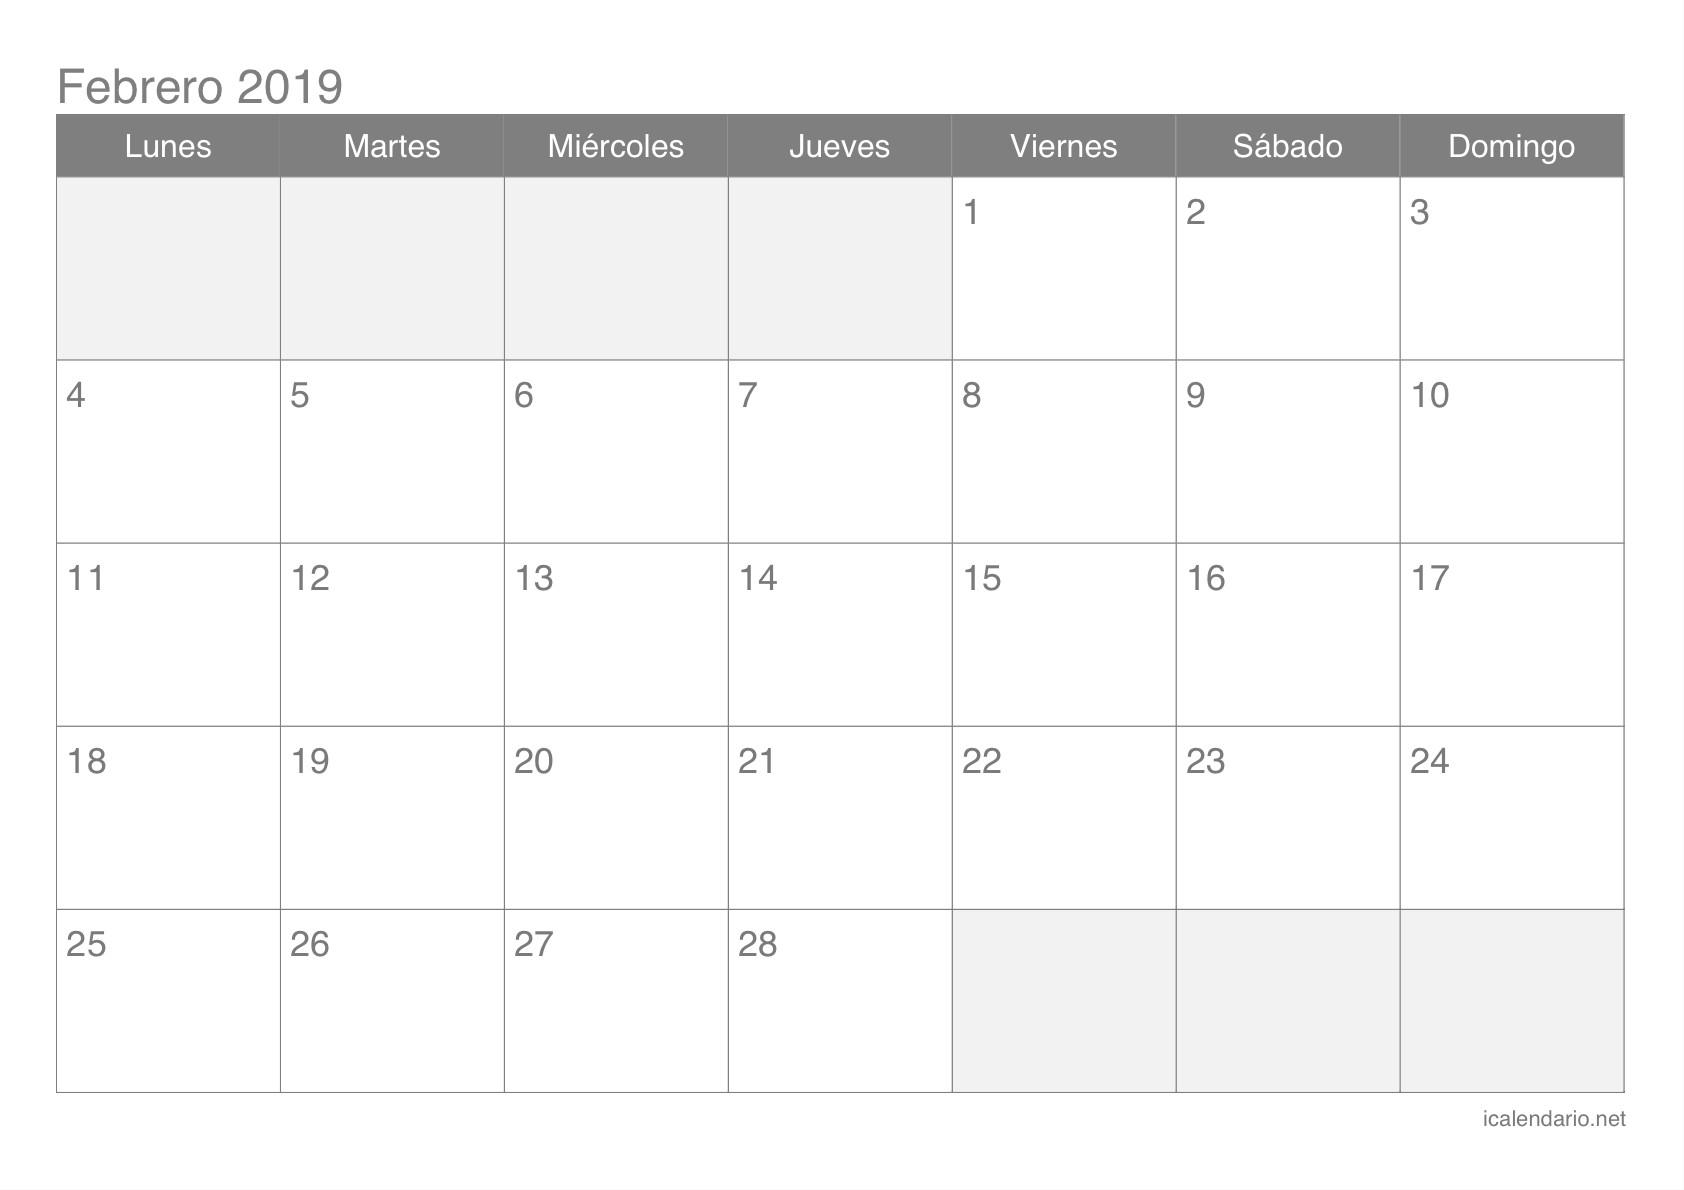 Calendario Escolar 2019-1 Fes Aragón Más Recientemente Liberado Calendario Escolar 2018 2019 Más De 100 Plantillas E Of Calendario Escolar 2019-1 Fes Aragón Más Arriba-a-fecha Unaq Calendario Escolar